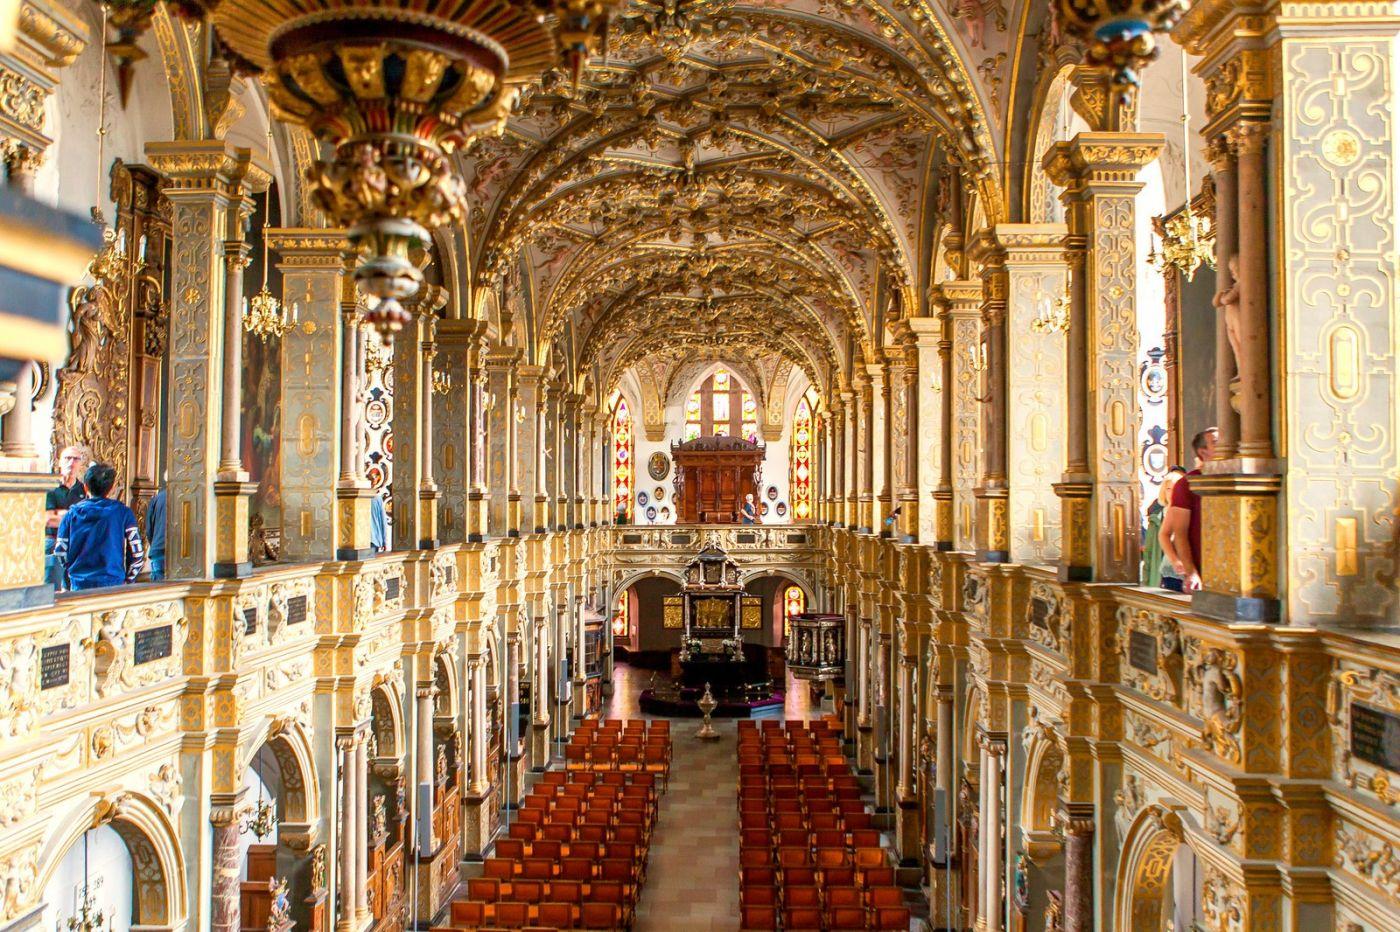 丹麦腓特烈堡城堡,很惊叹主厅吊顶_图1-15